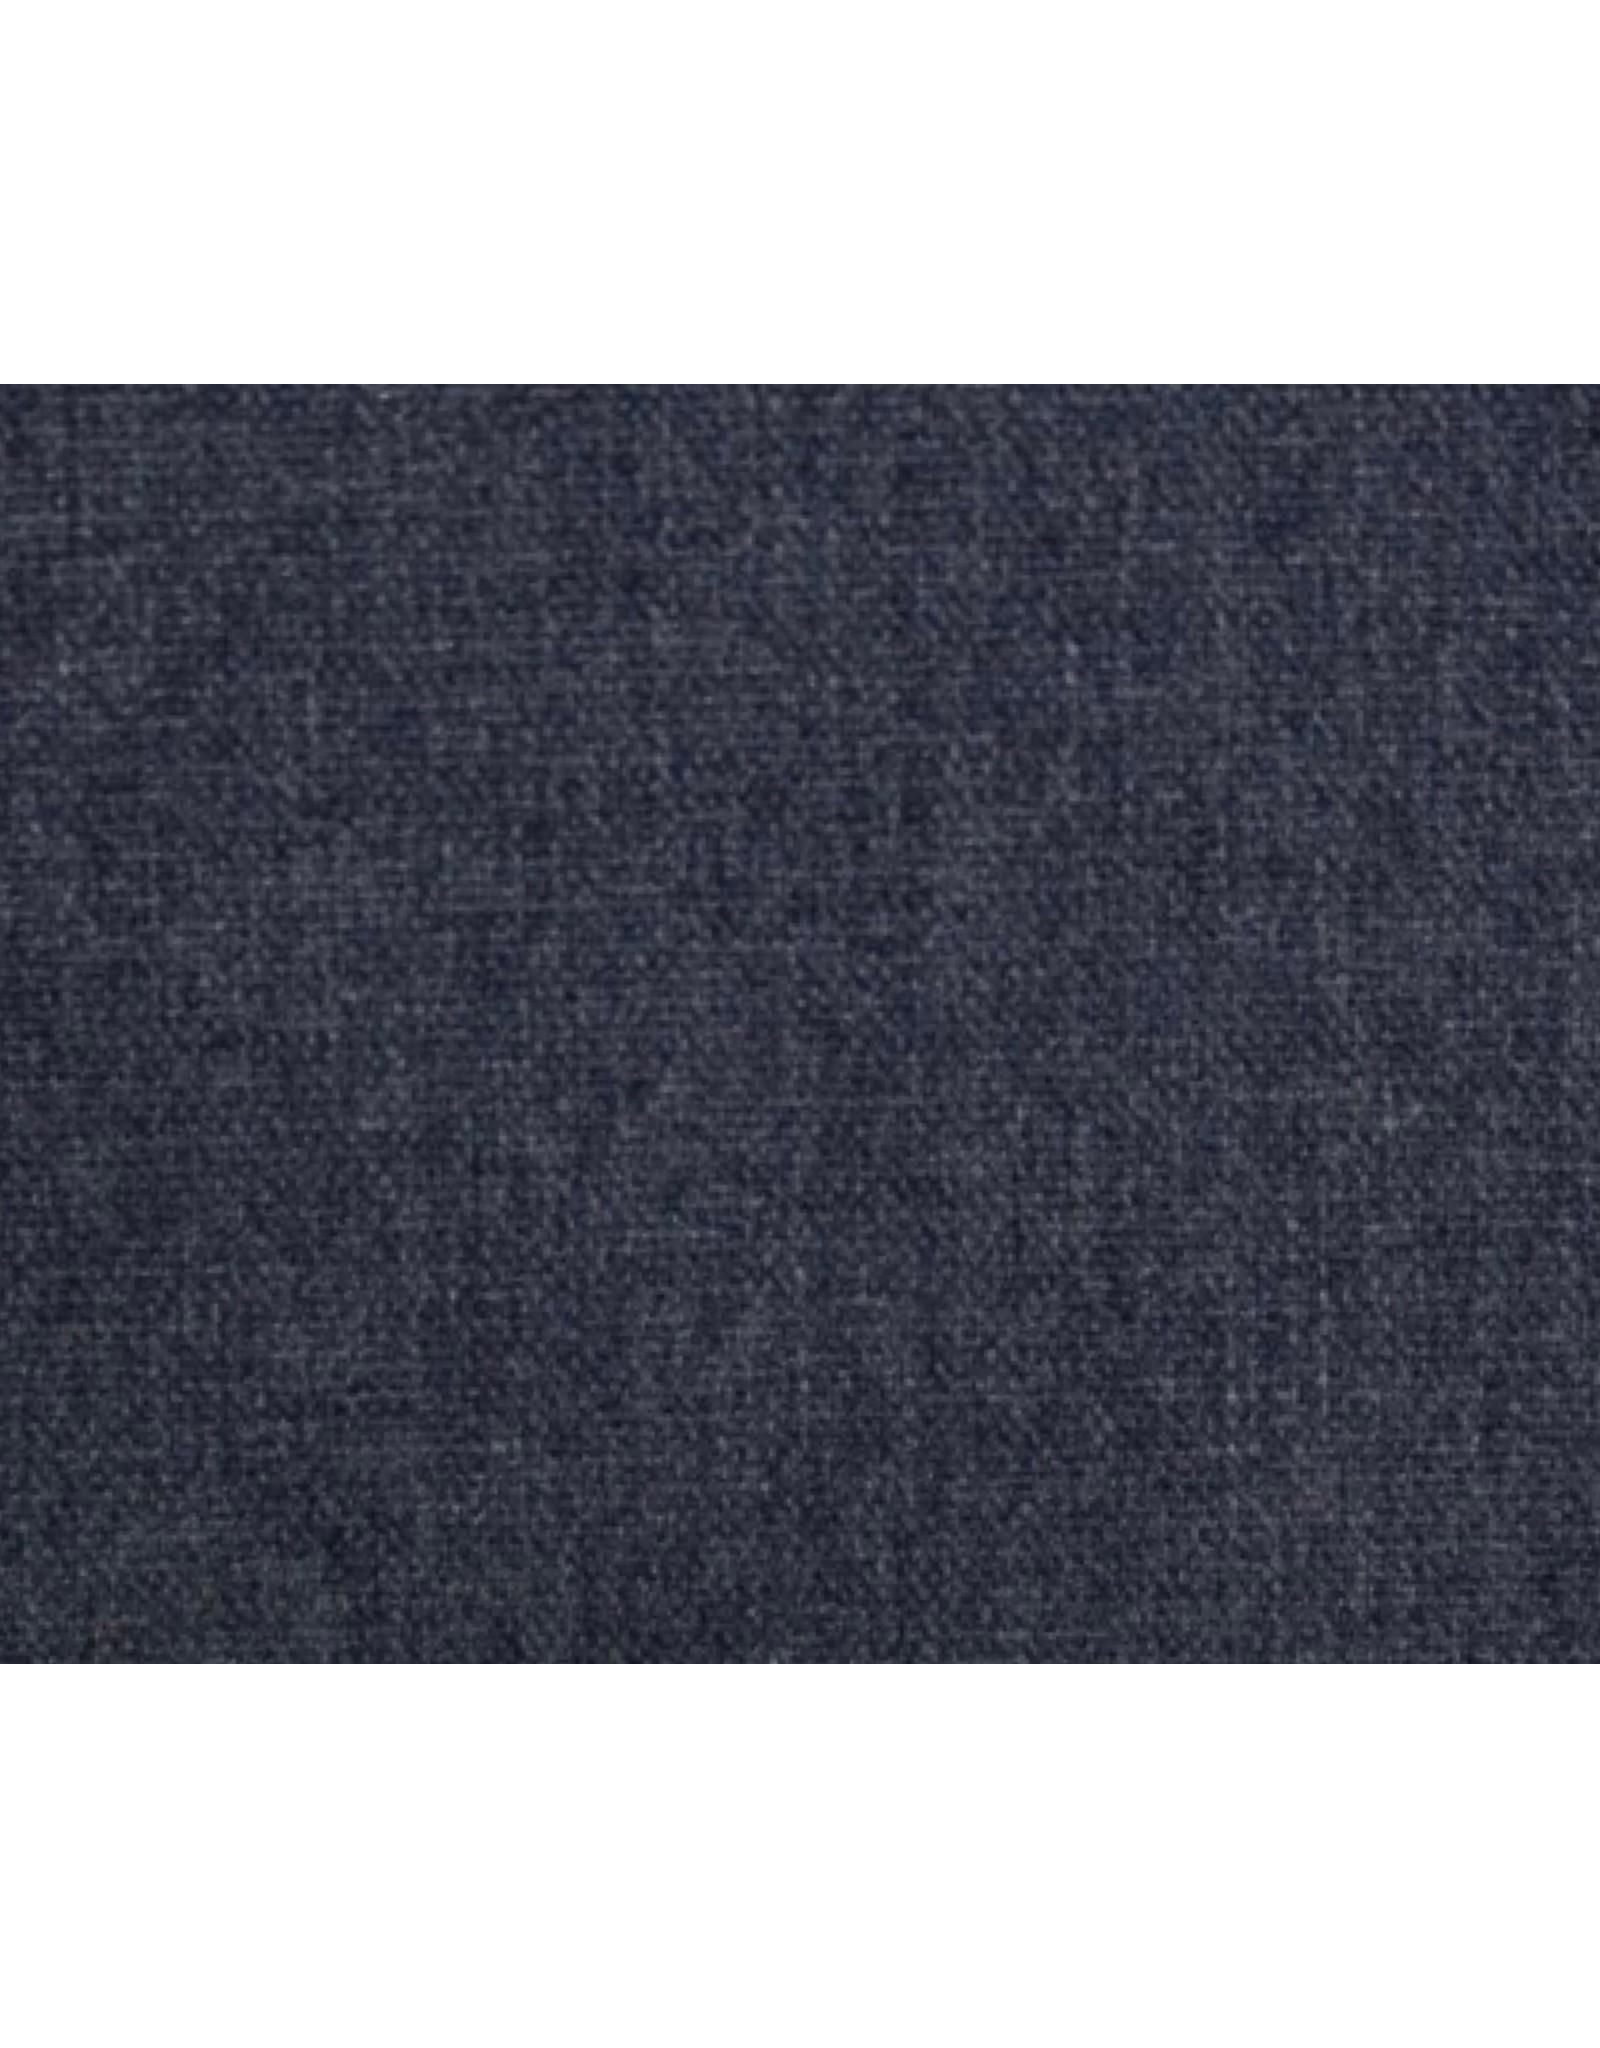 Canvas fabric DK Jeans melange